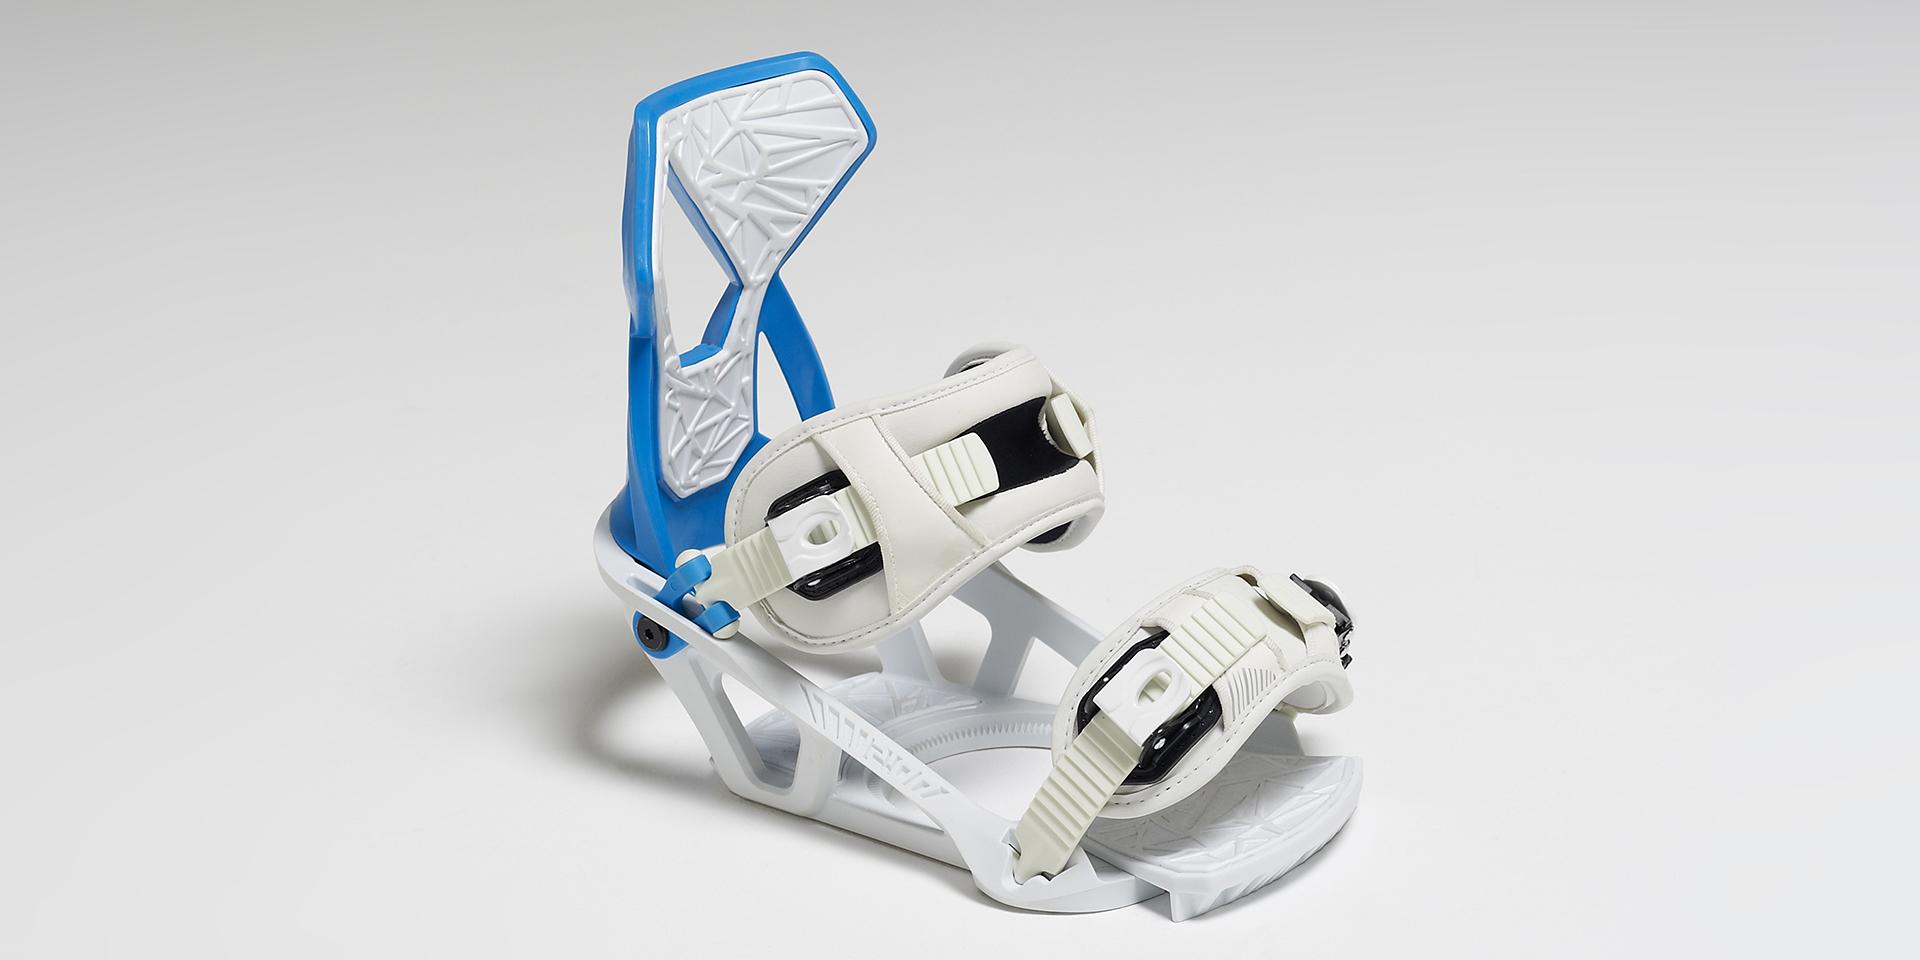 Référence - Fixation de snowboard